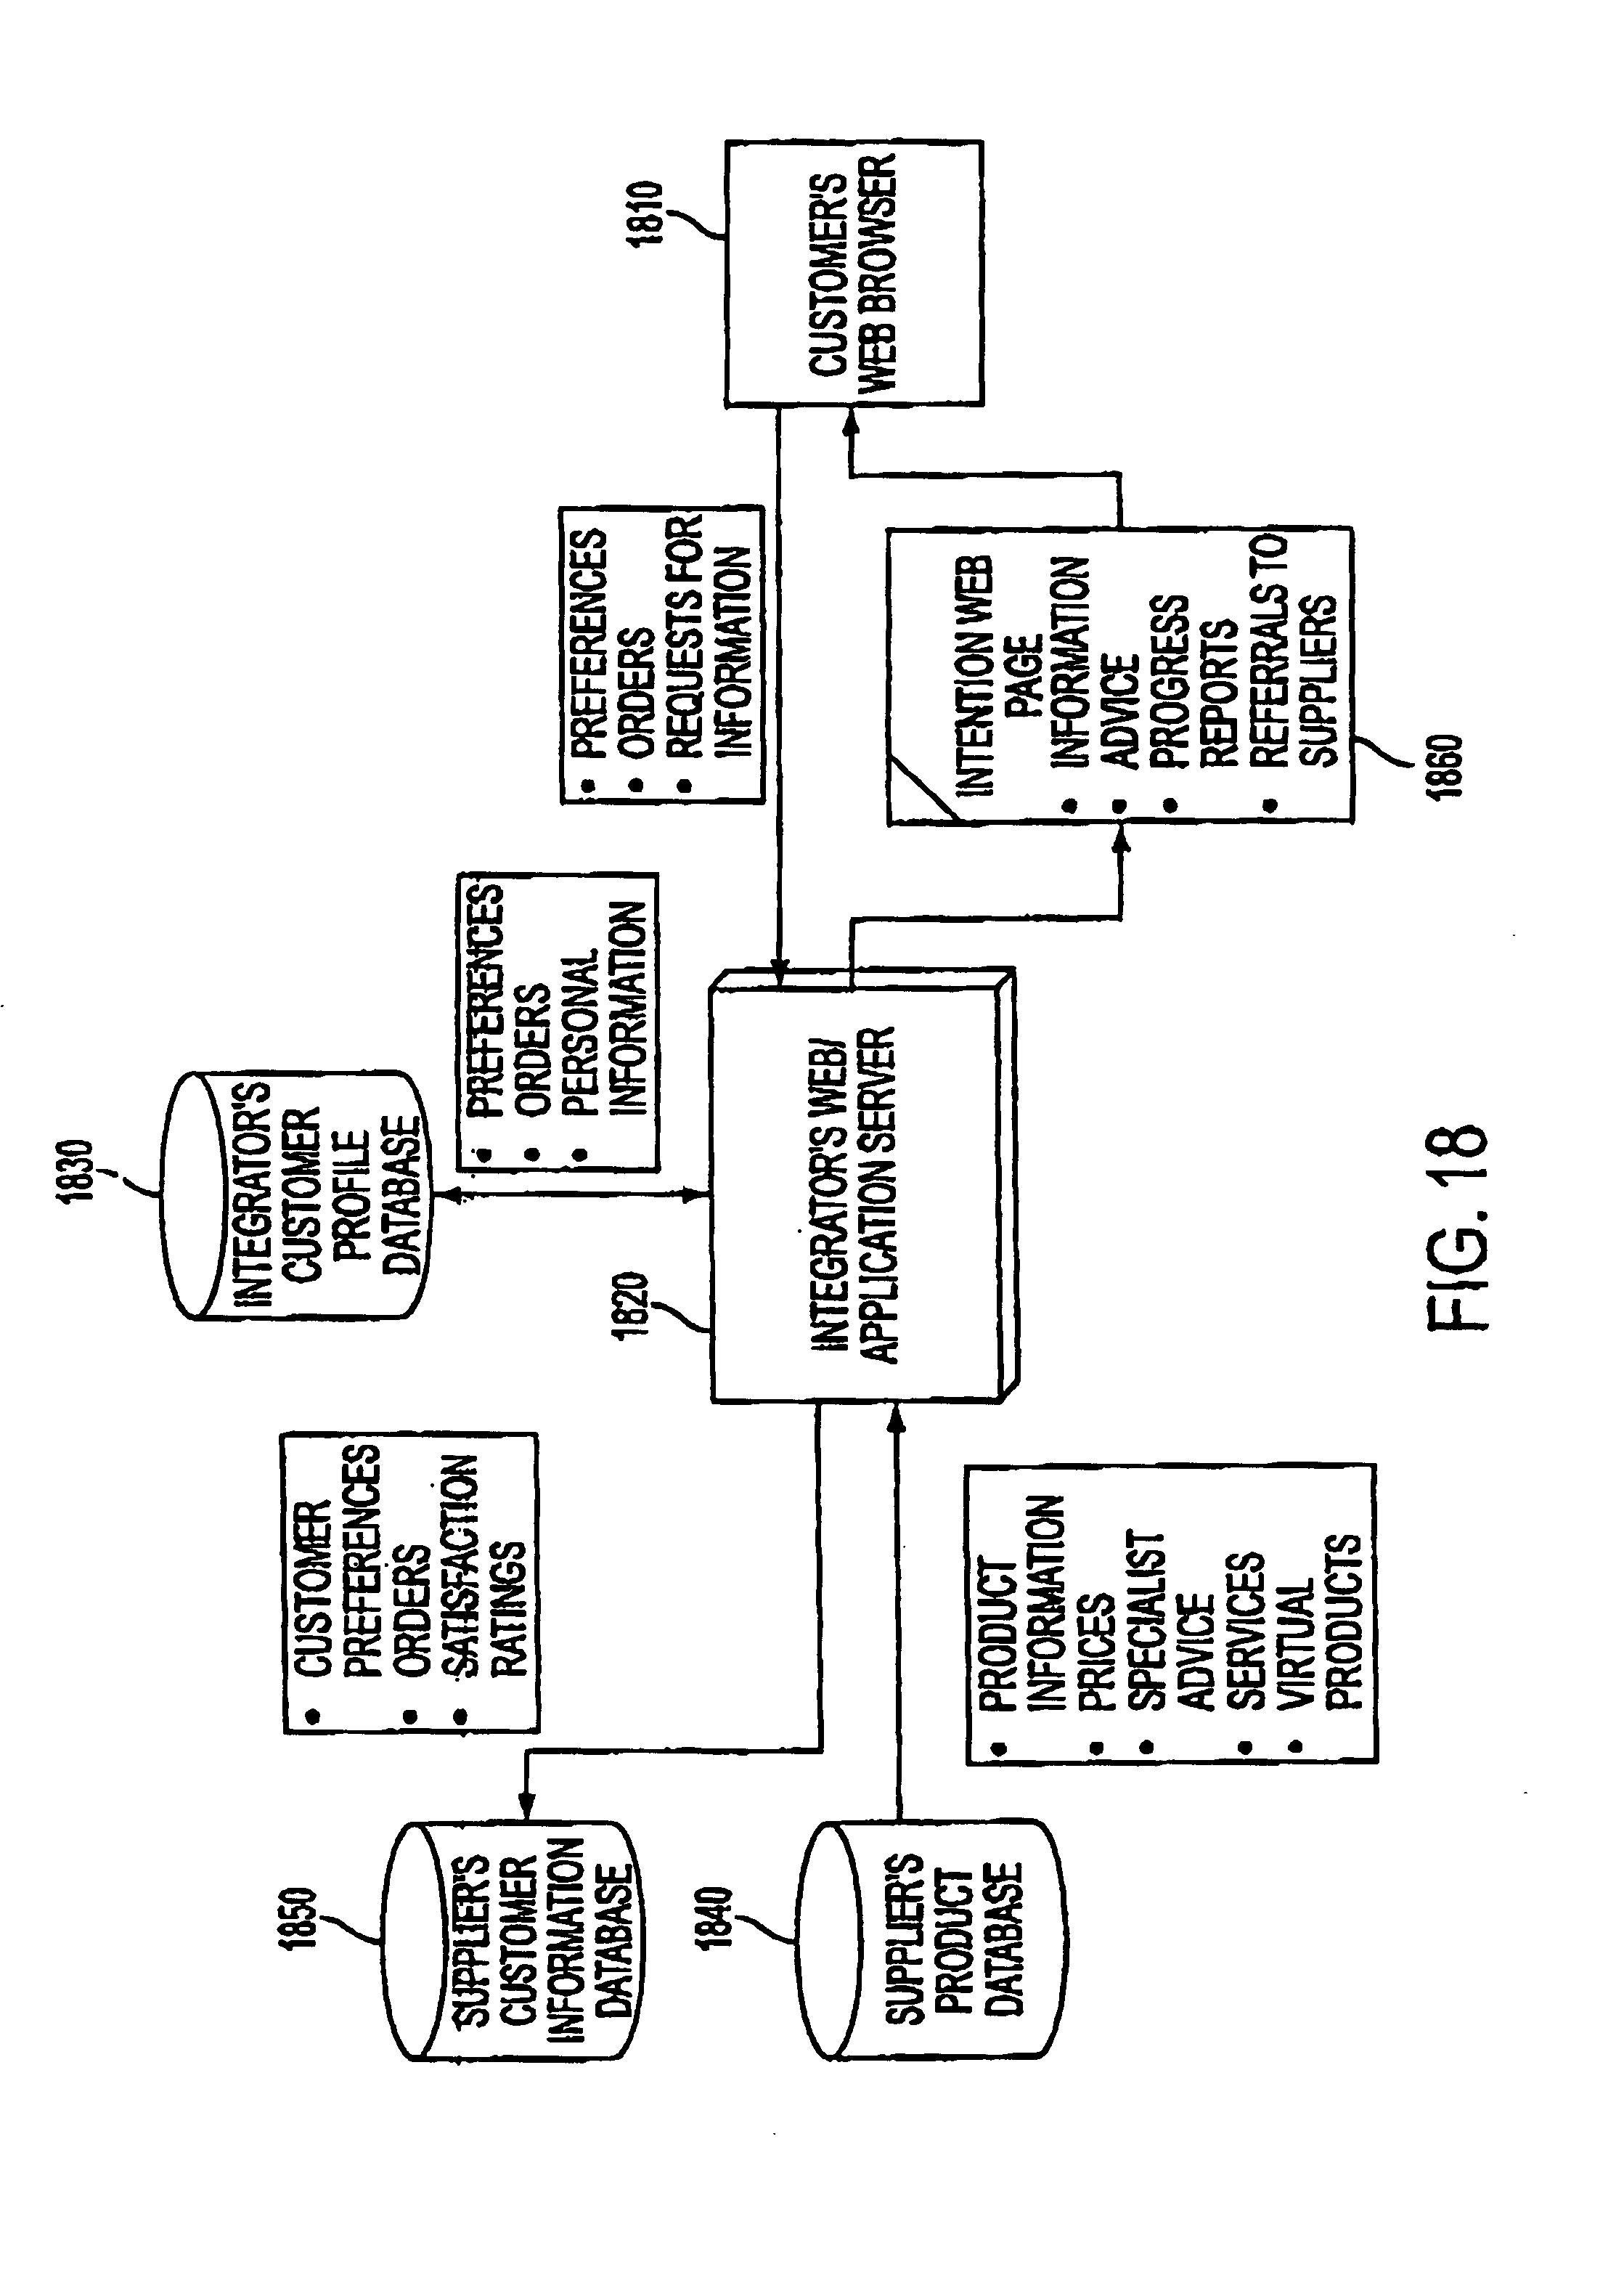 wiring actuators eim diagrams valve 80007f repair wiring eim valve wiring diagram eim actuator wiring diagram